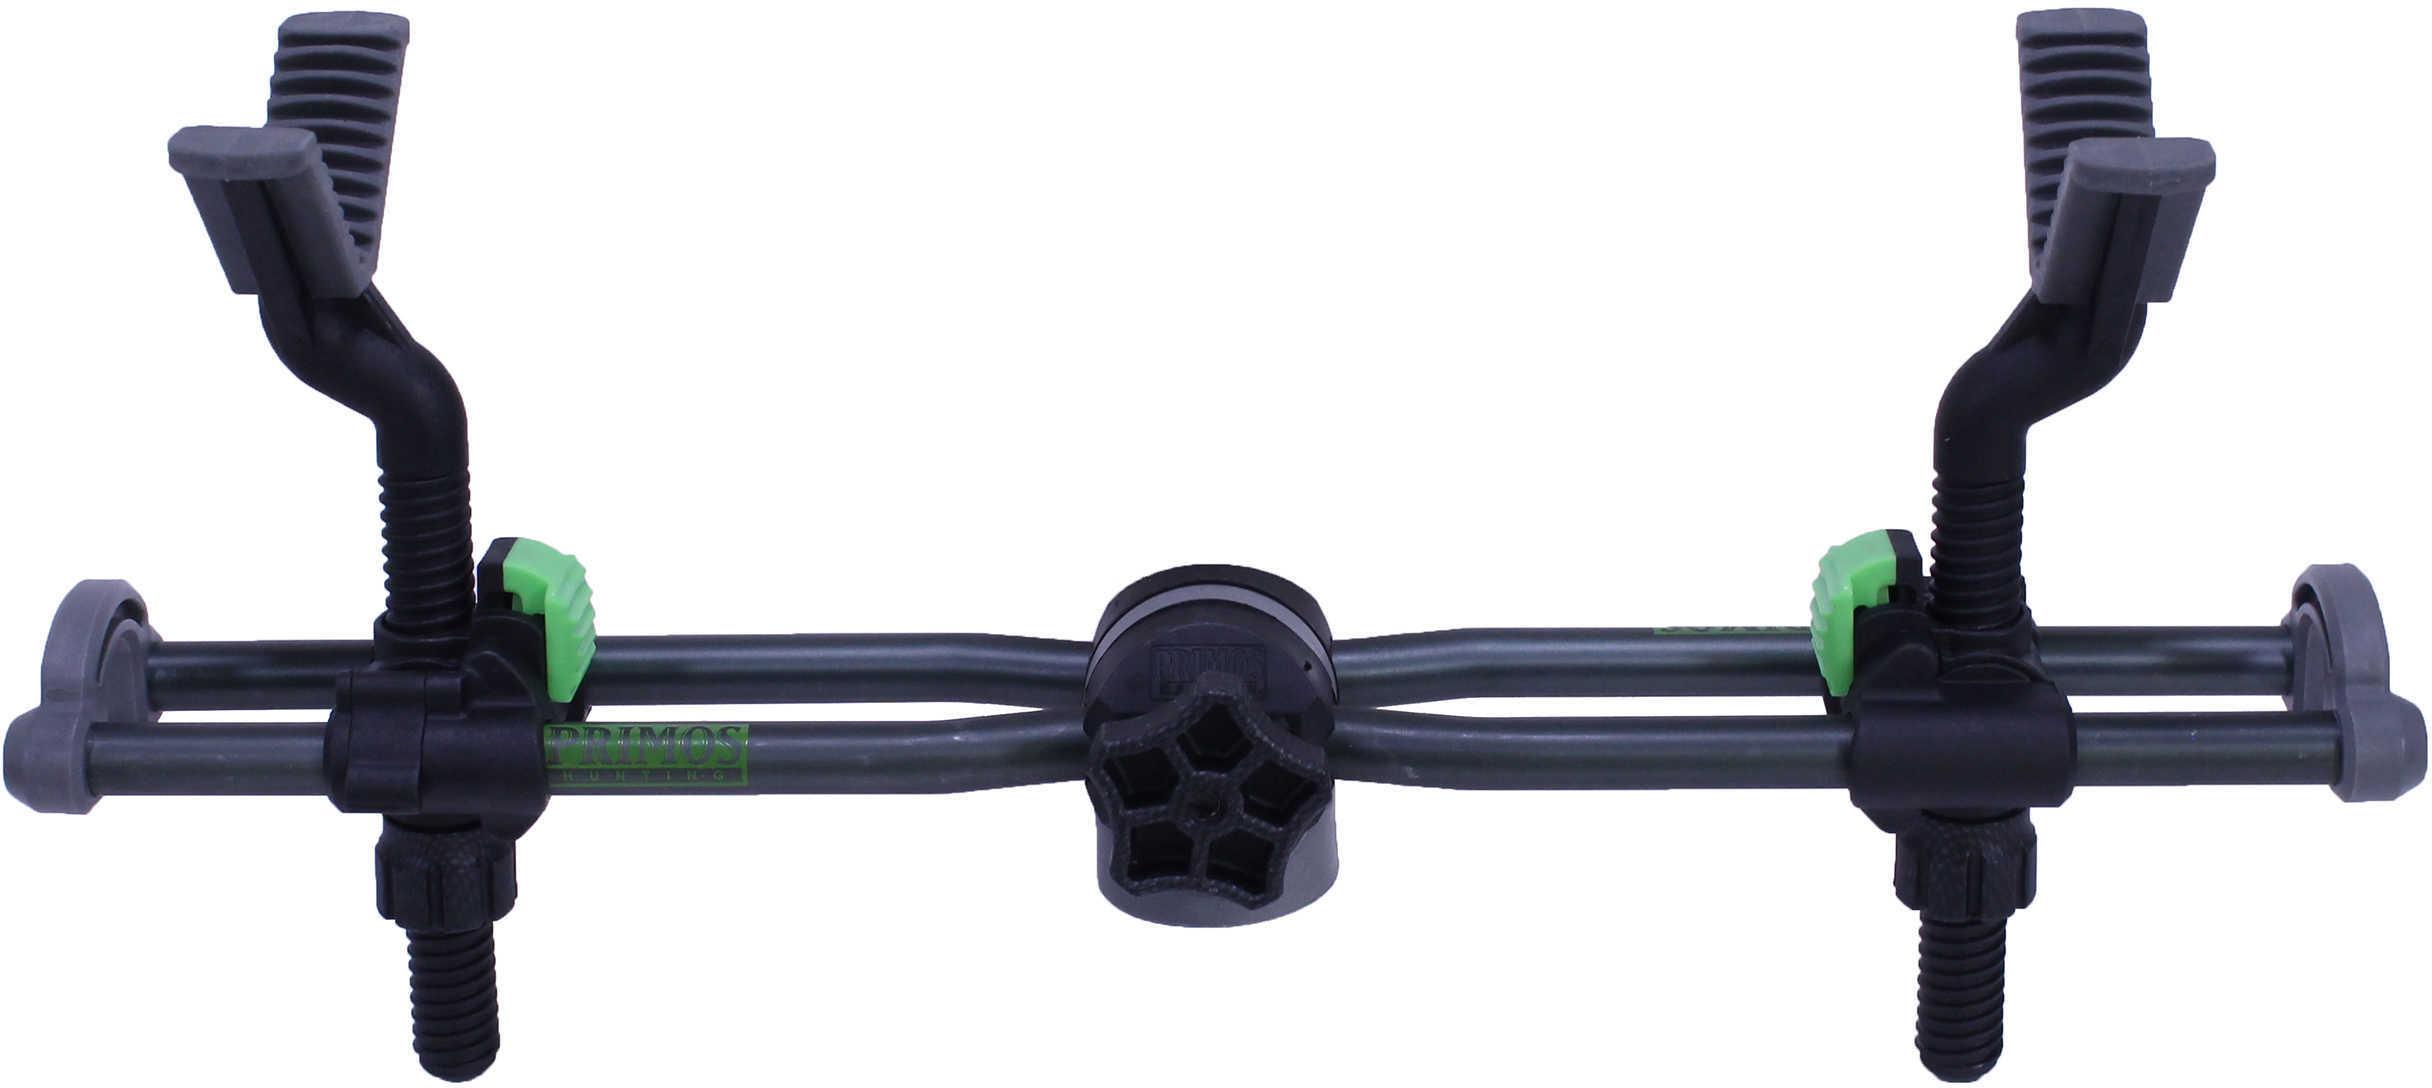 Primos 6580 2-Point Gun Rest Black